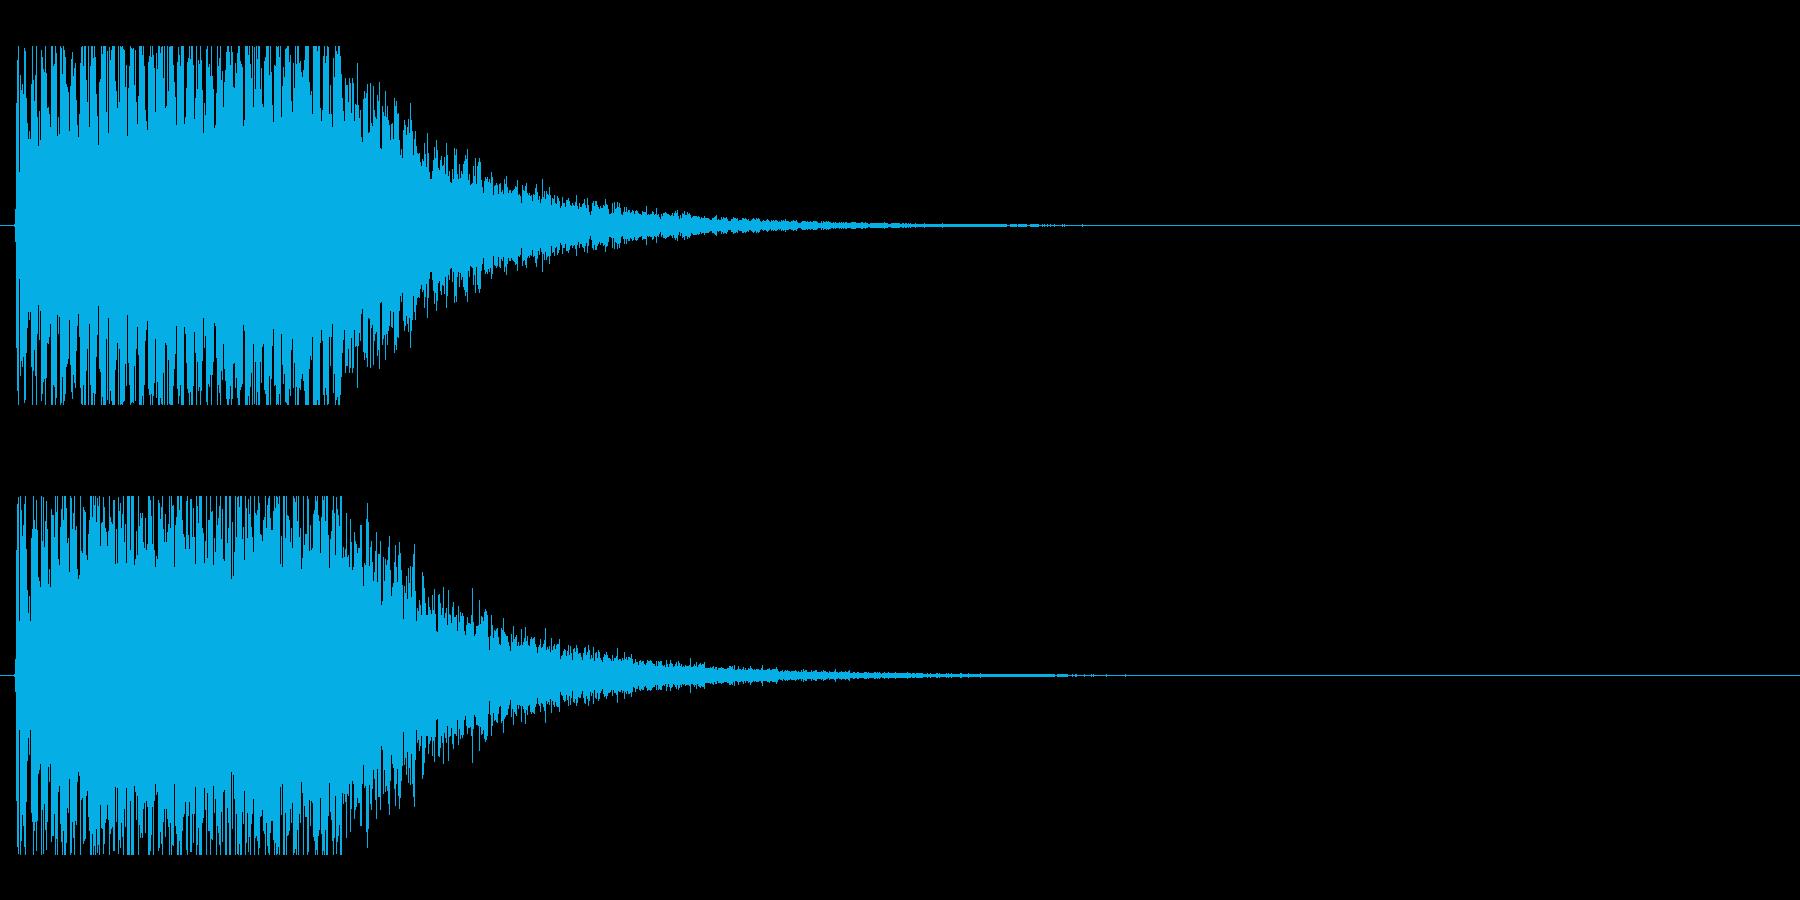 レーザー音-152-2の再生済みの波形